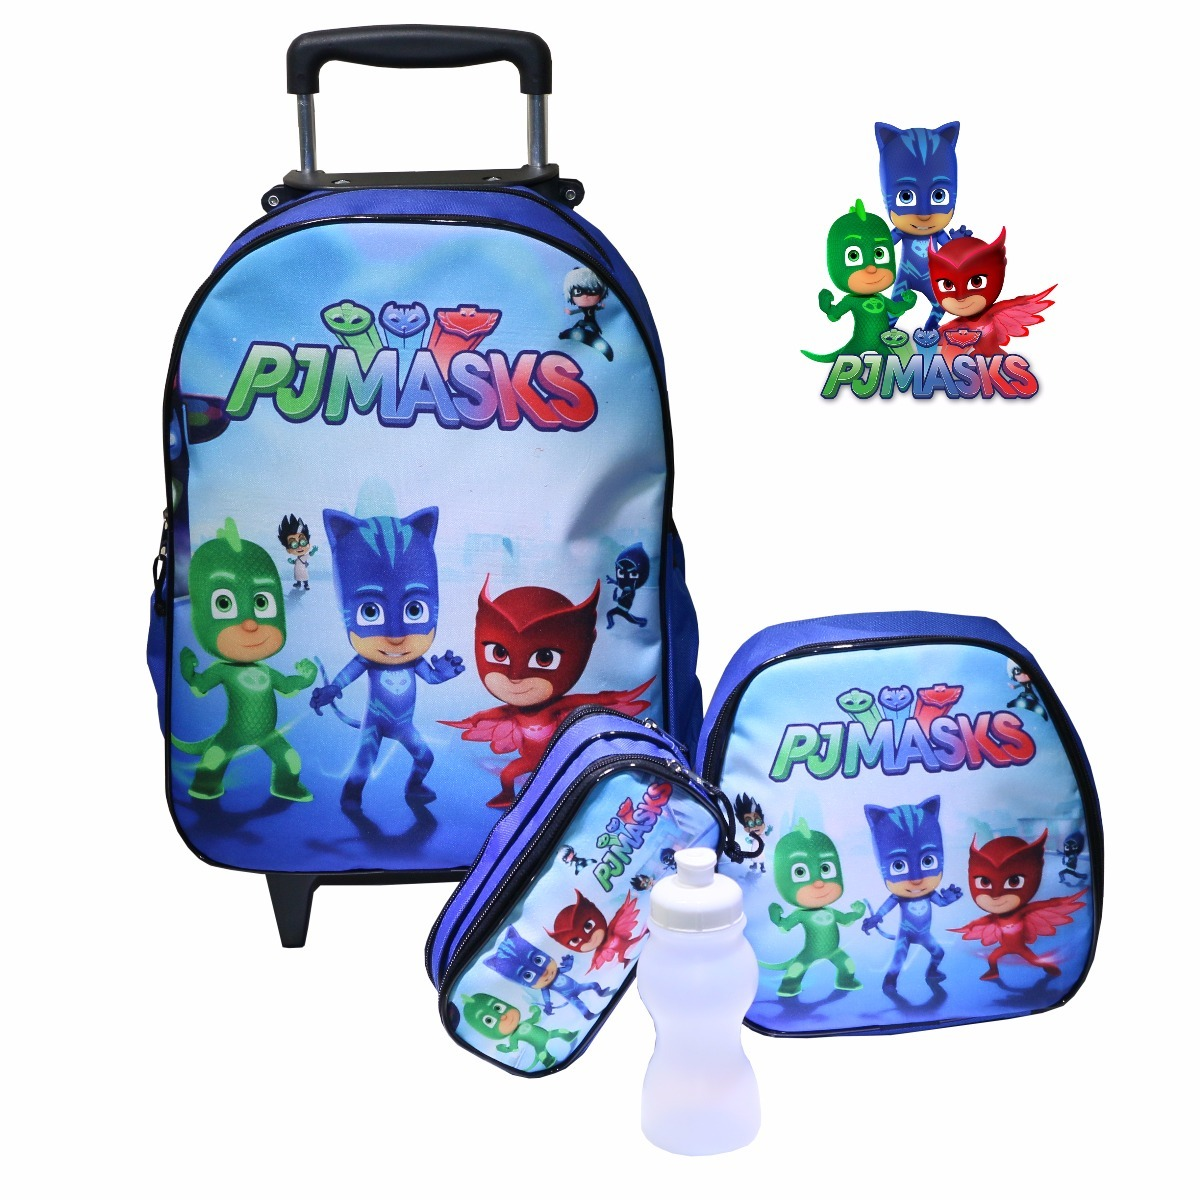 38349b007 mochila escolar infantil rodinha pjmasks jr - promoção. Carregando zoom.